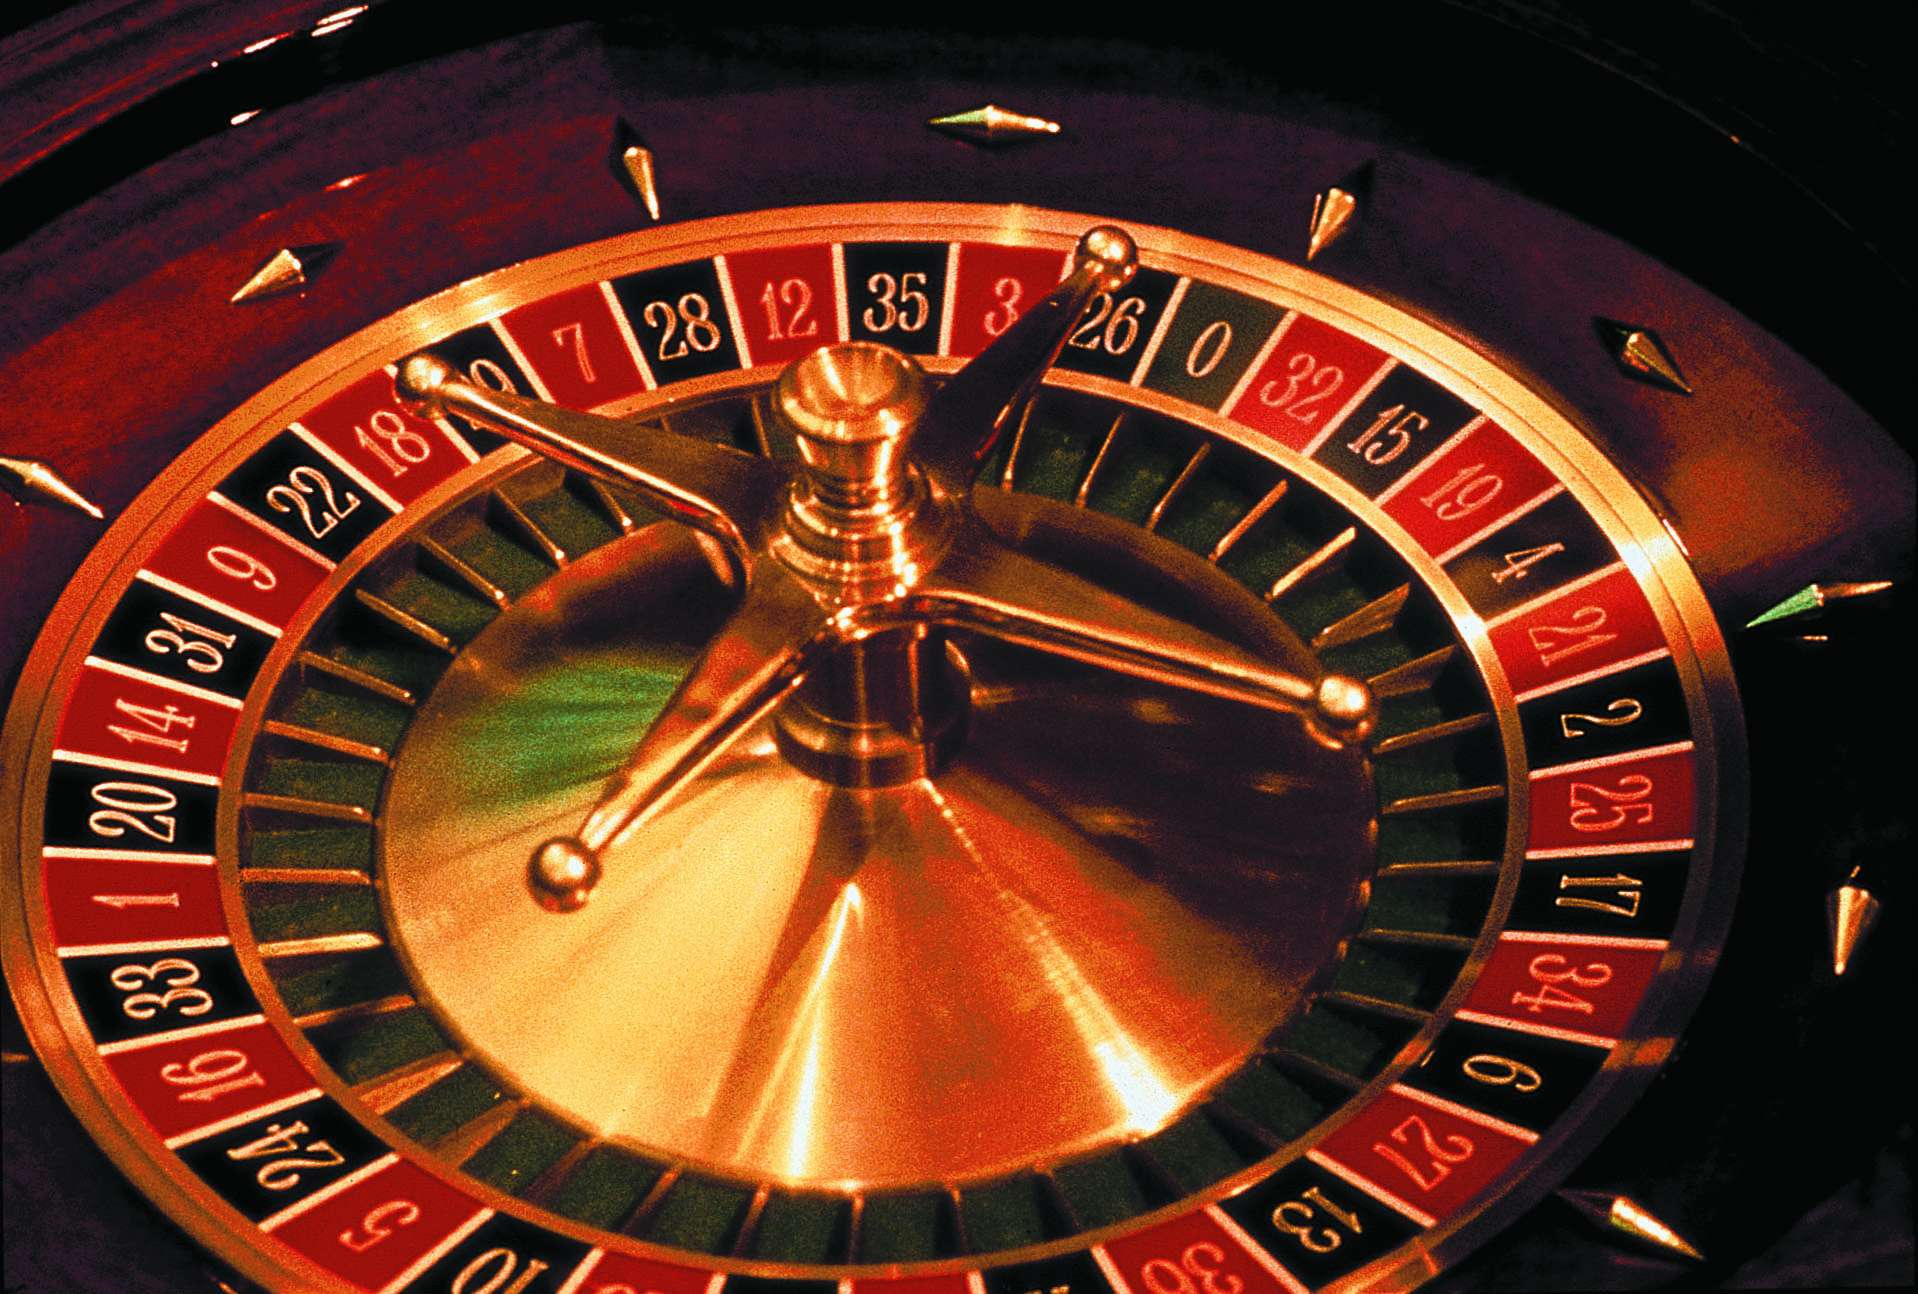 Jeux casino : comment devenir un bon joueur ?